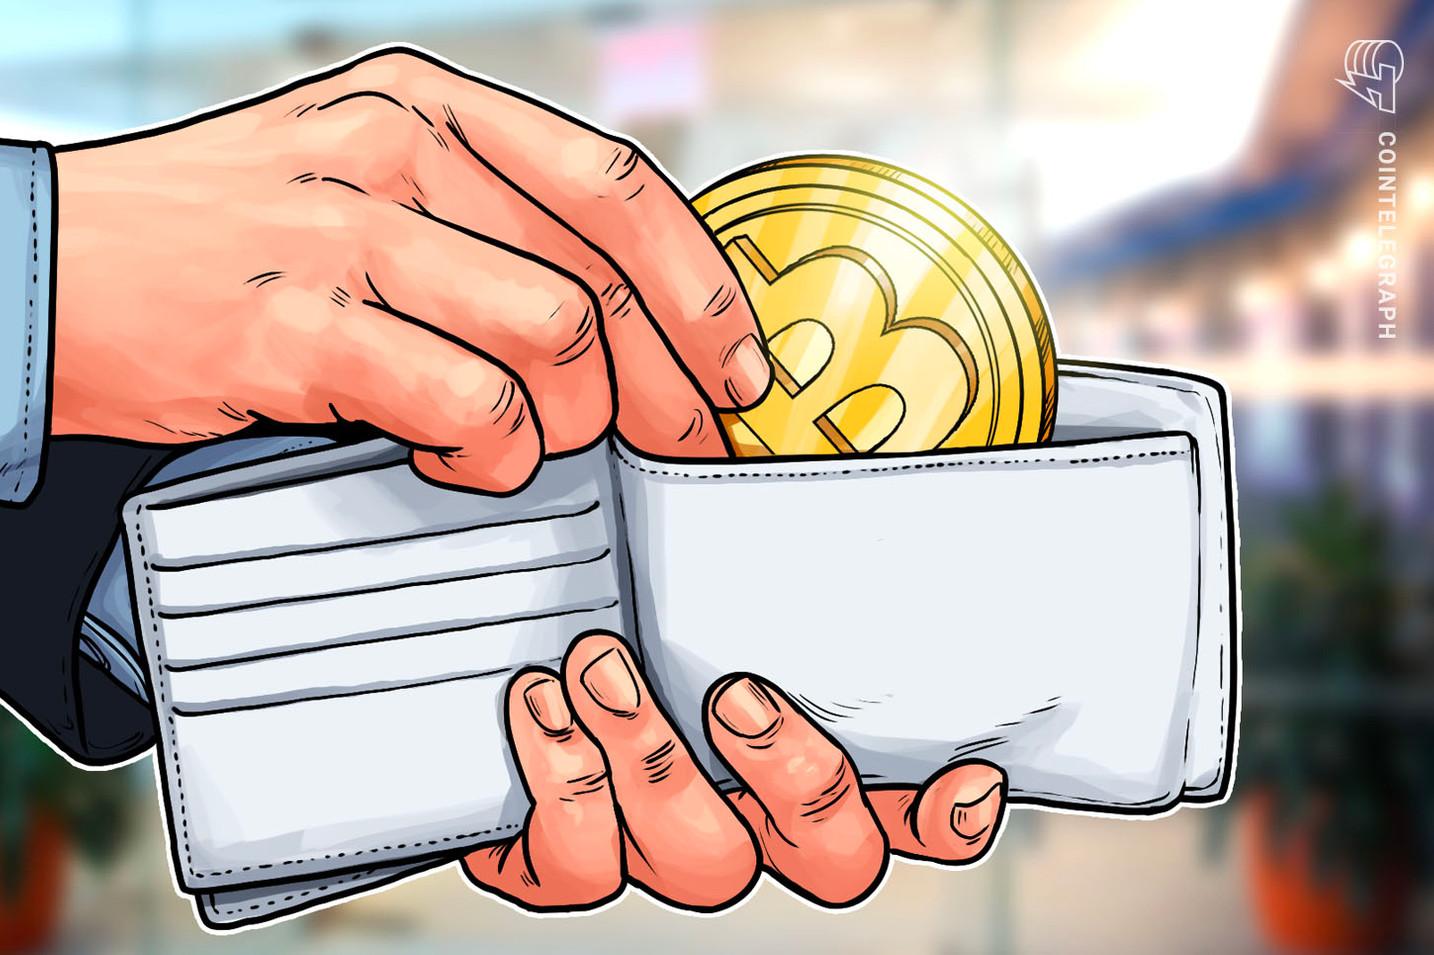 Número de carteiras com Bitcoin armazenado sobe e quebra recorde histórico